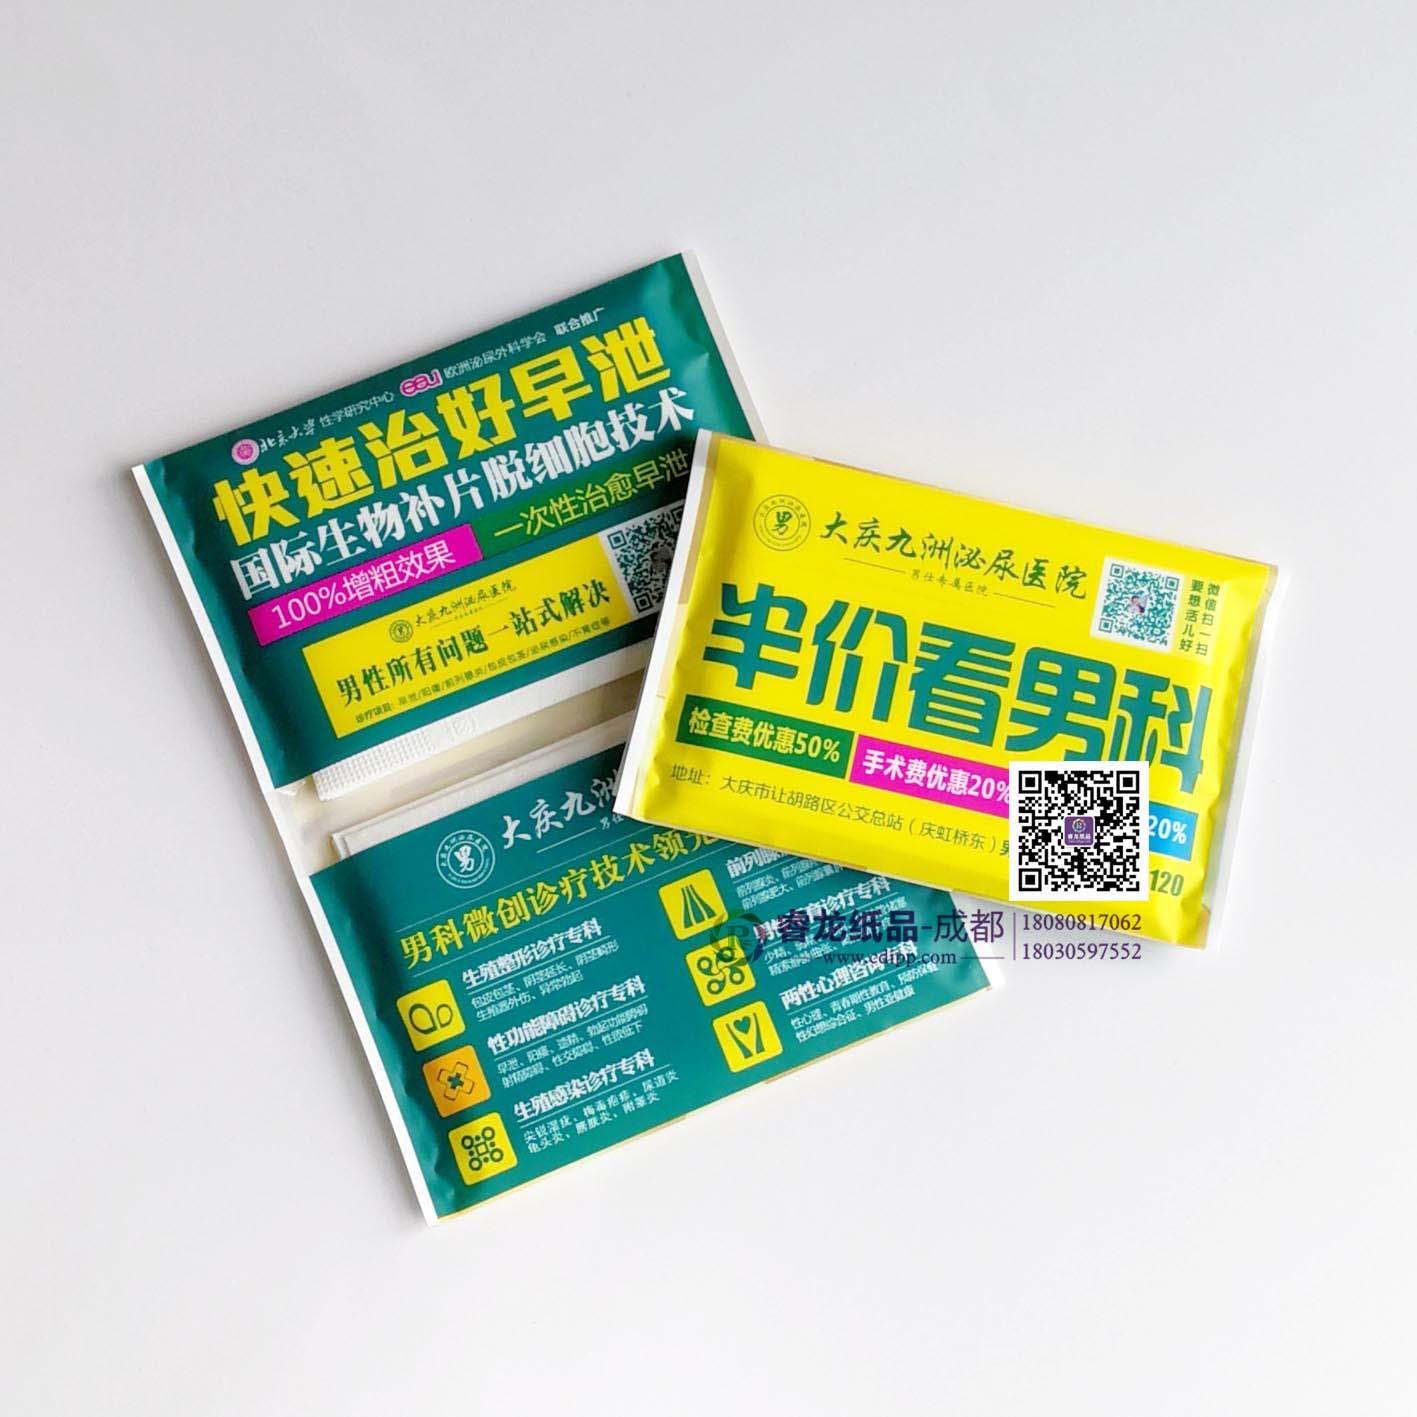 熱款?睿龍紙品提供質優價廉的荷包紙巾?四川錢夾紙巾定做